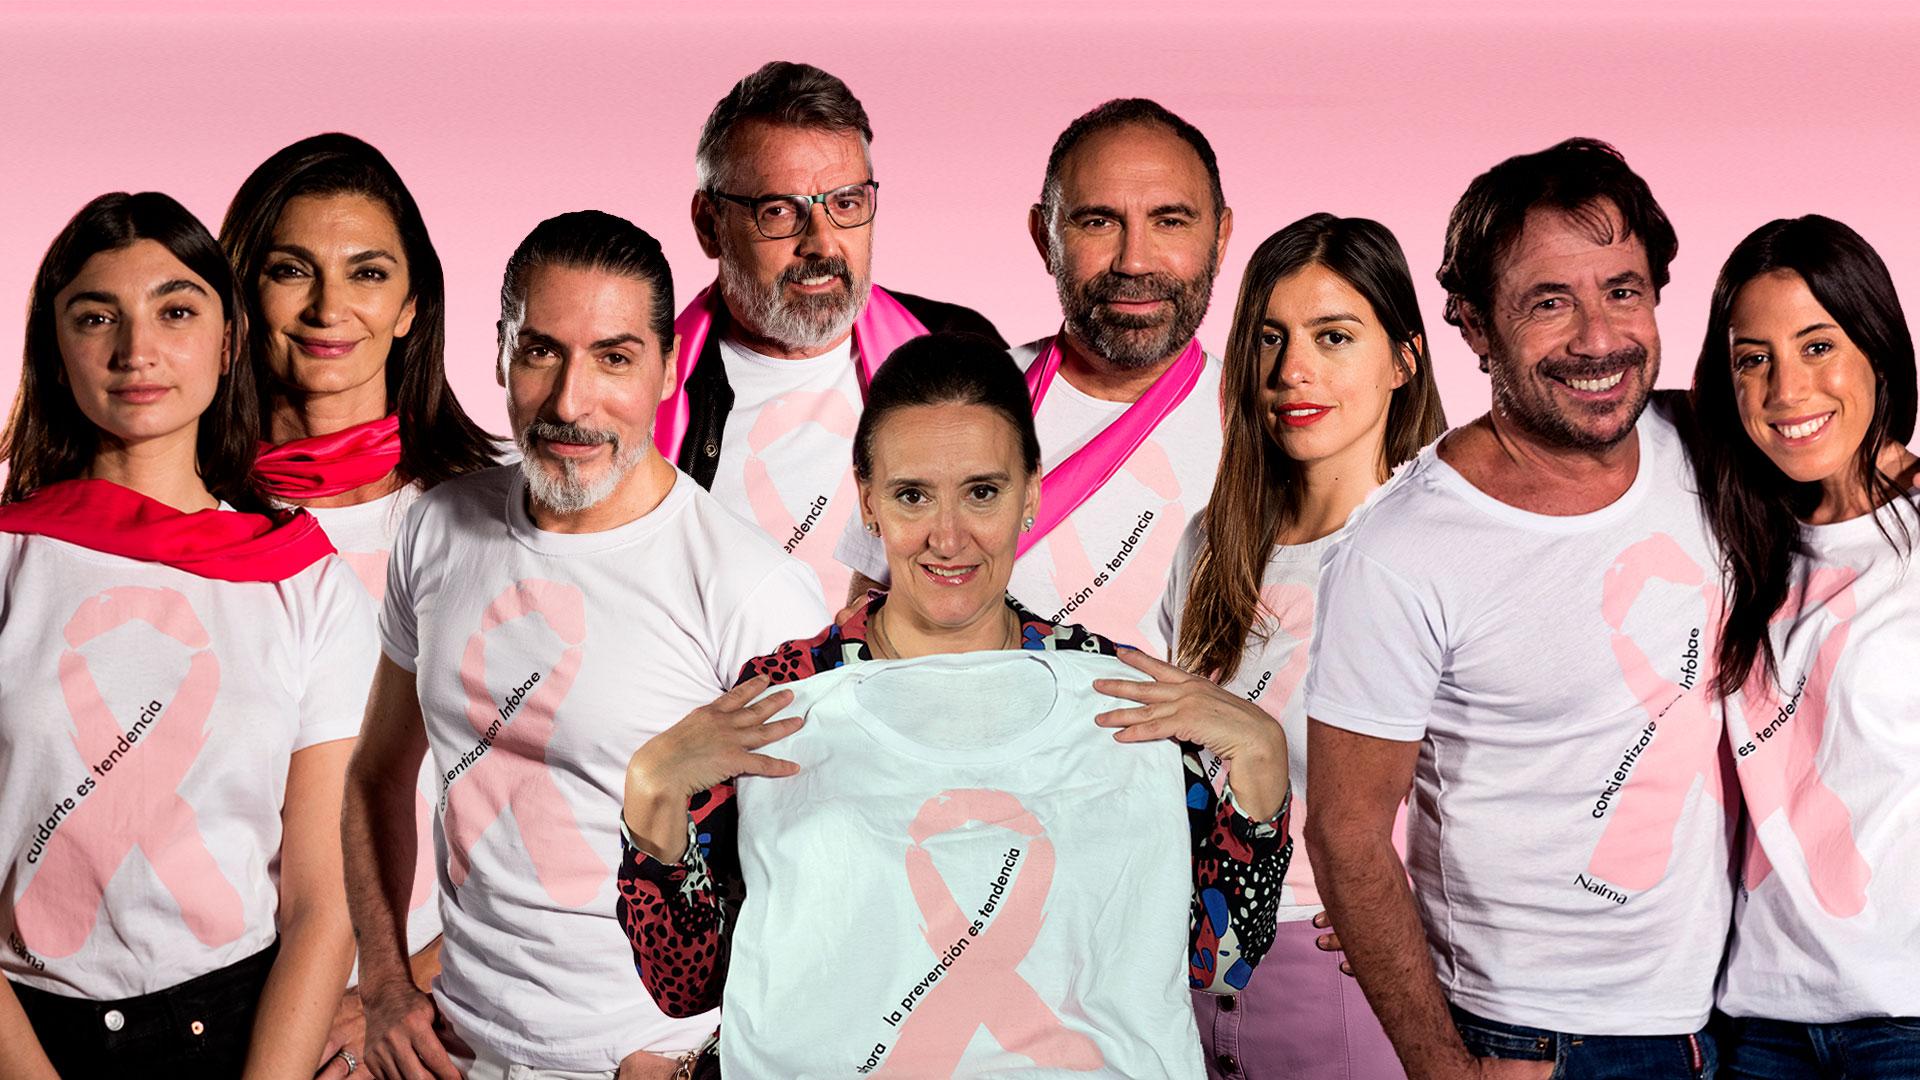 Infobae se sumó a la cruzada global contra el cáncer de mama. Realizó una multitudinaria campaña con figuras del mundo lifestyle